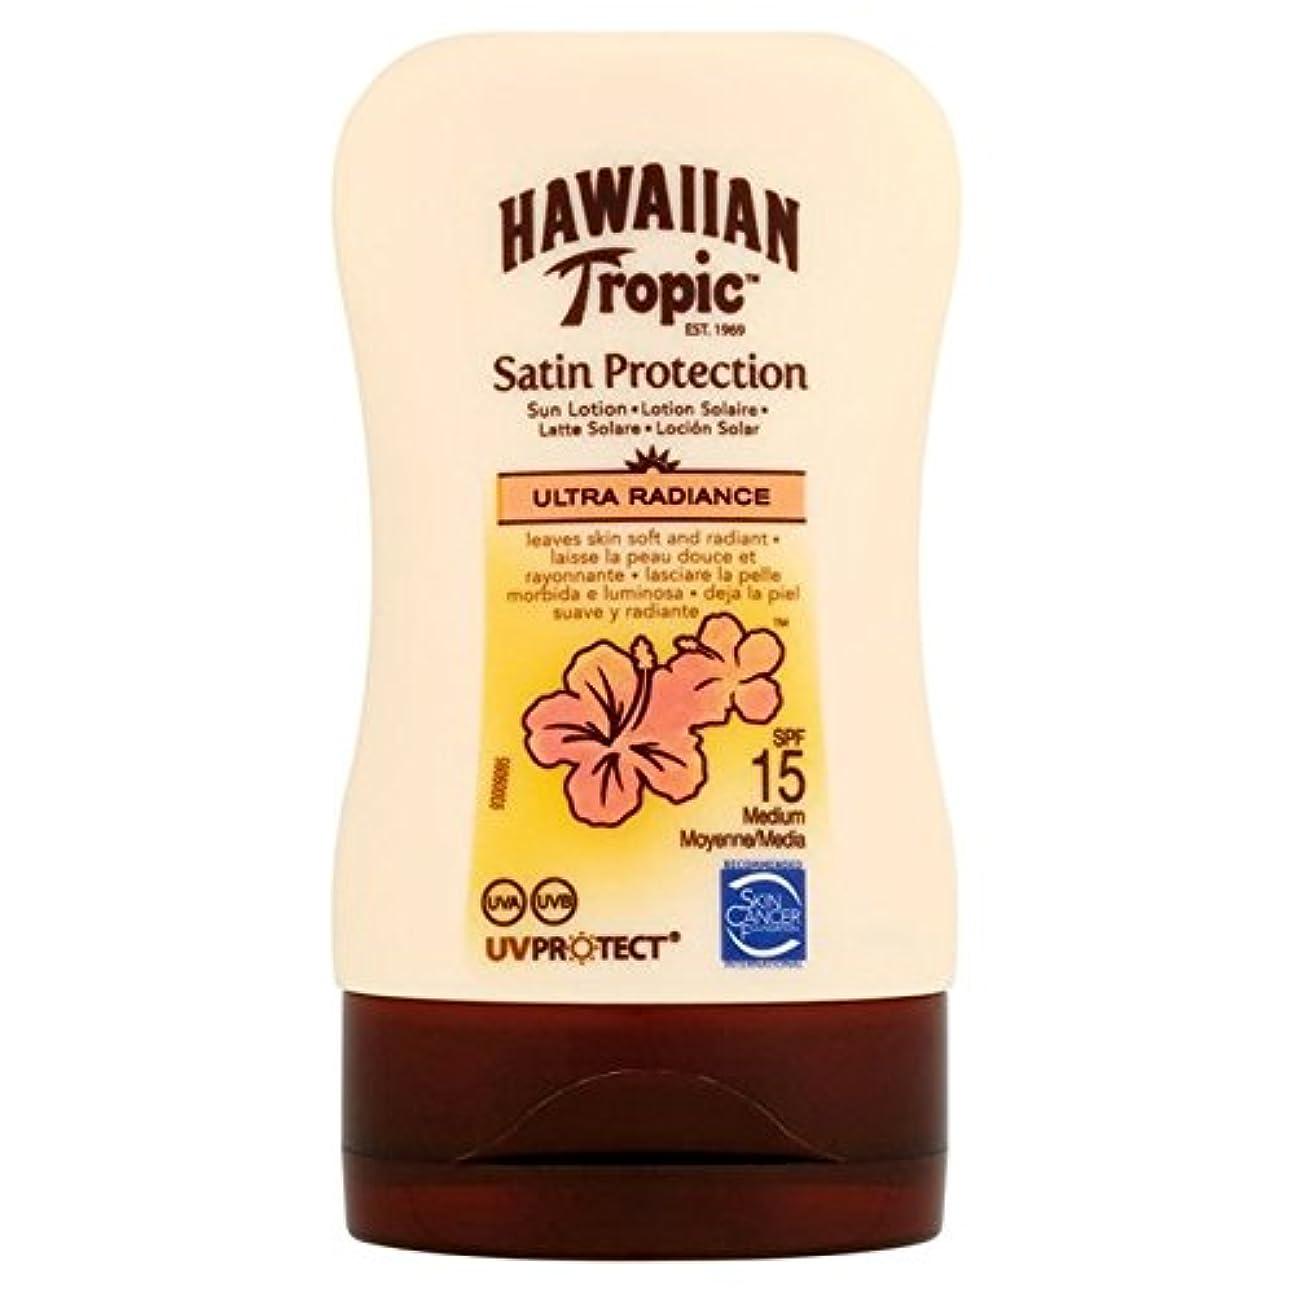 ロッジモンスターバリーHawaiian Tropic Protective Lotion SPF15 Ultra Radiance 100ml - 南国ハワイの保護ローション15超放射輝度100ミリリットル [並行輸入品]